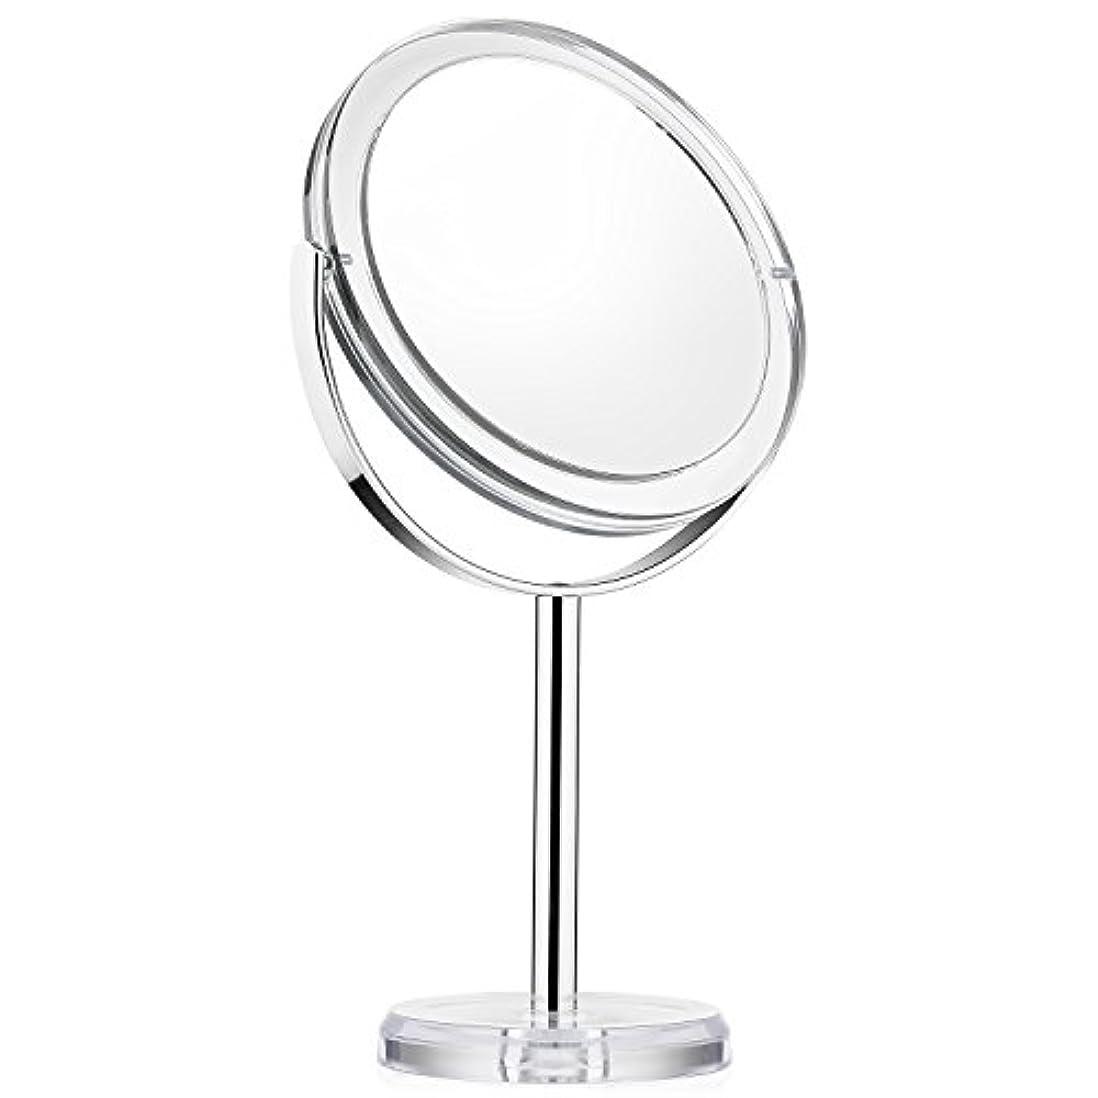 予言する苦情文句修正する化粧ミラー Beautifive 鏡 卓上 化粧鏡 メイクミラー 卓上ミラー スタンドミラー卓上 等倍卓上両面鏡 卓上鏡 7倍拡大スタンドミラー 360°回転可 光学レズン高解像度